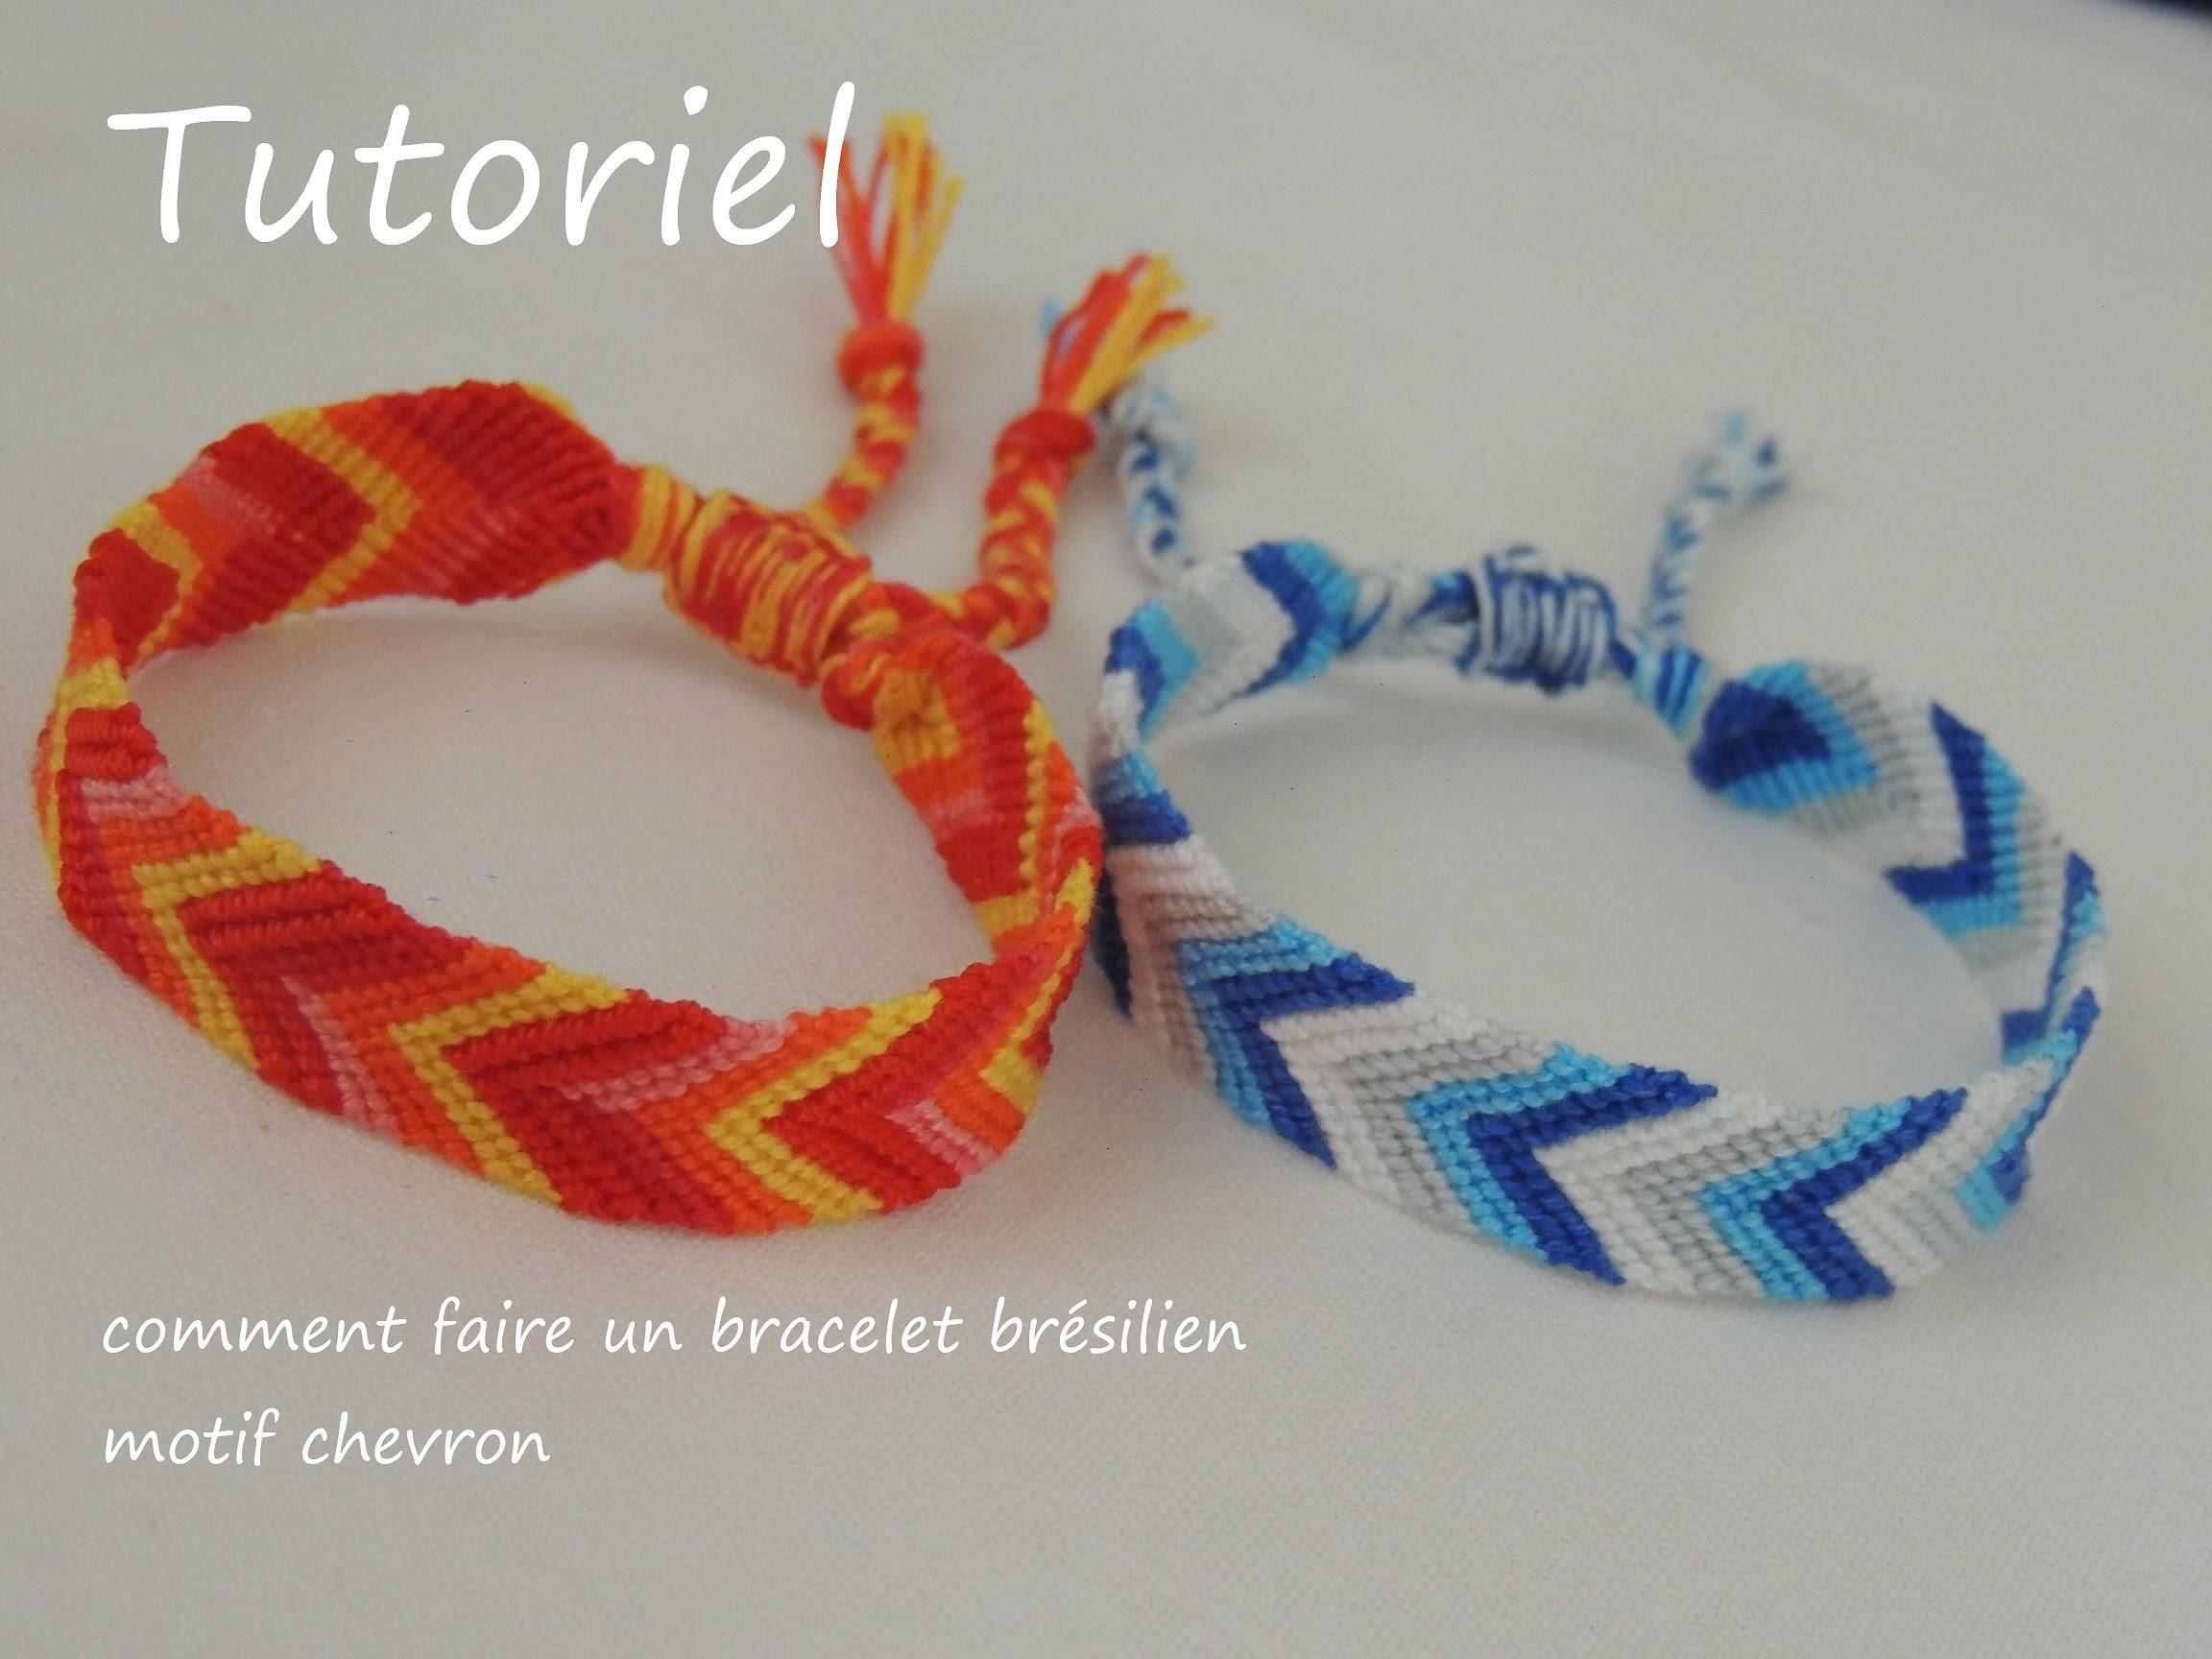 Comment faire un bracelet brésilien motif chevron (DIY chevron friendship bracelet)